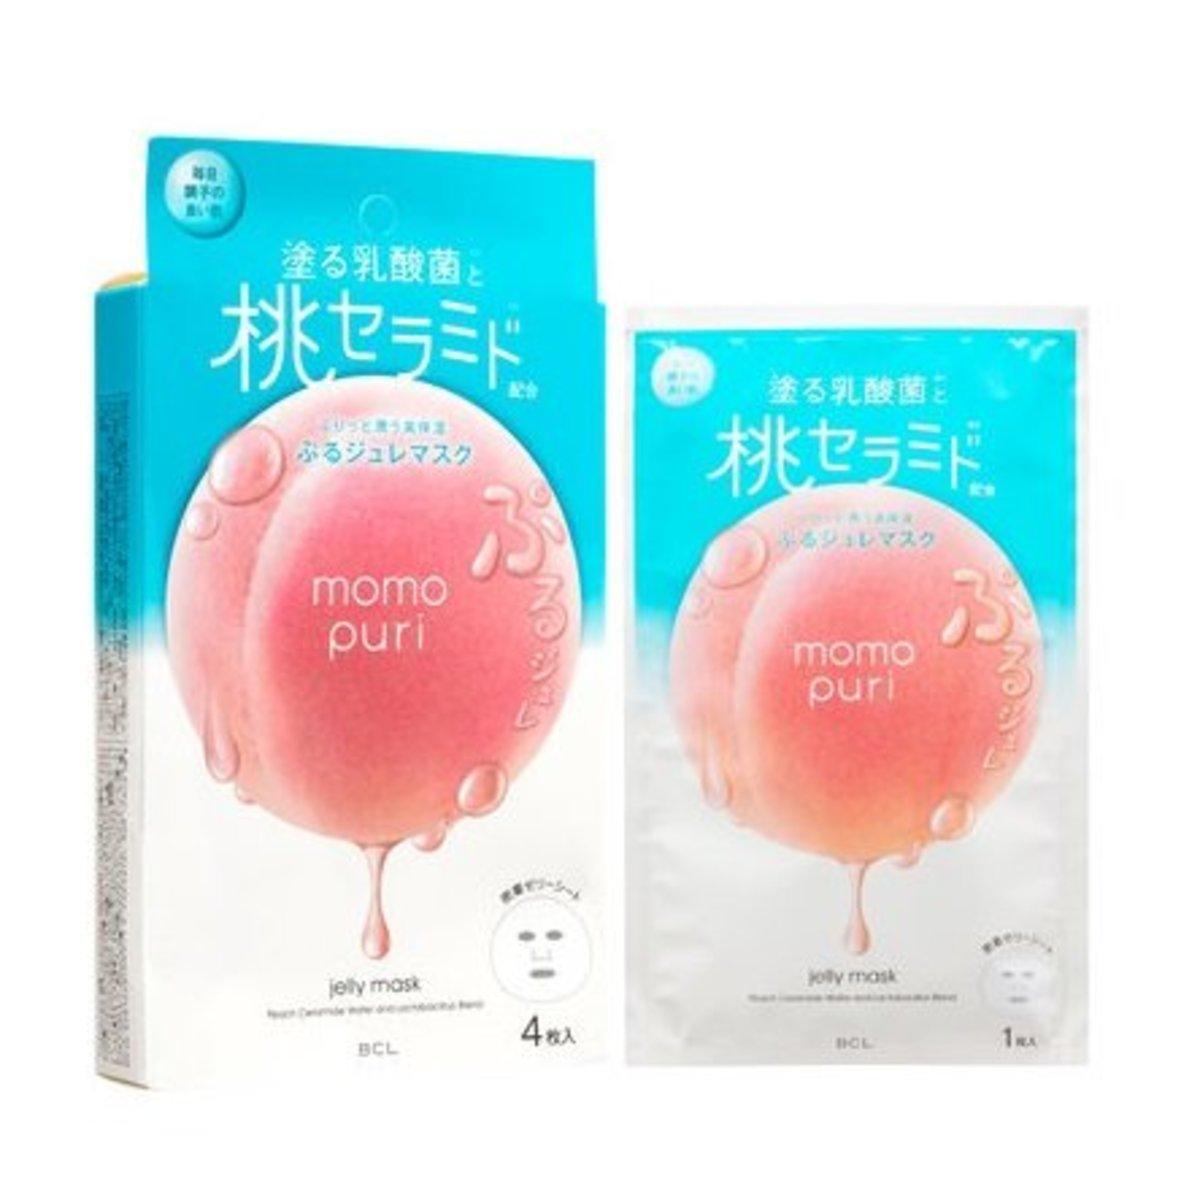 蜜桃保濕果凍面膜 (22ml x 4片)